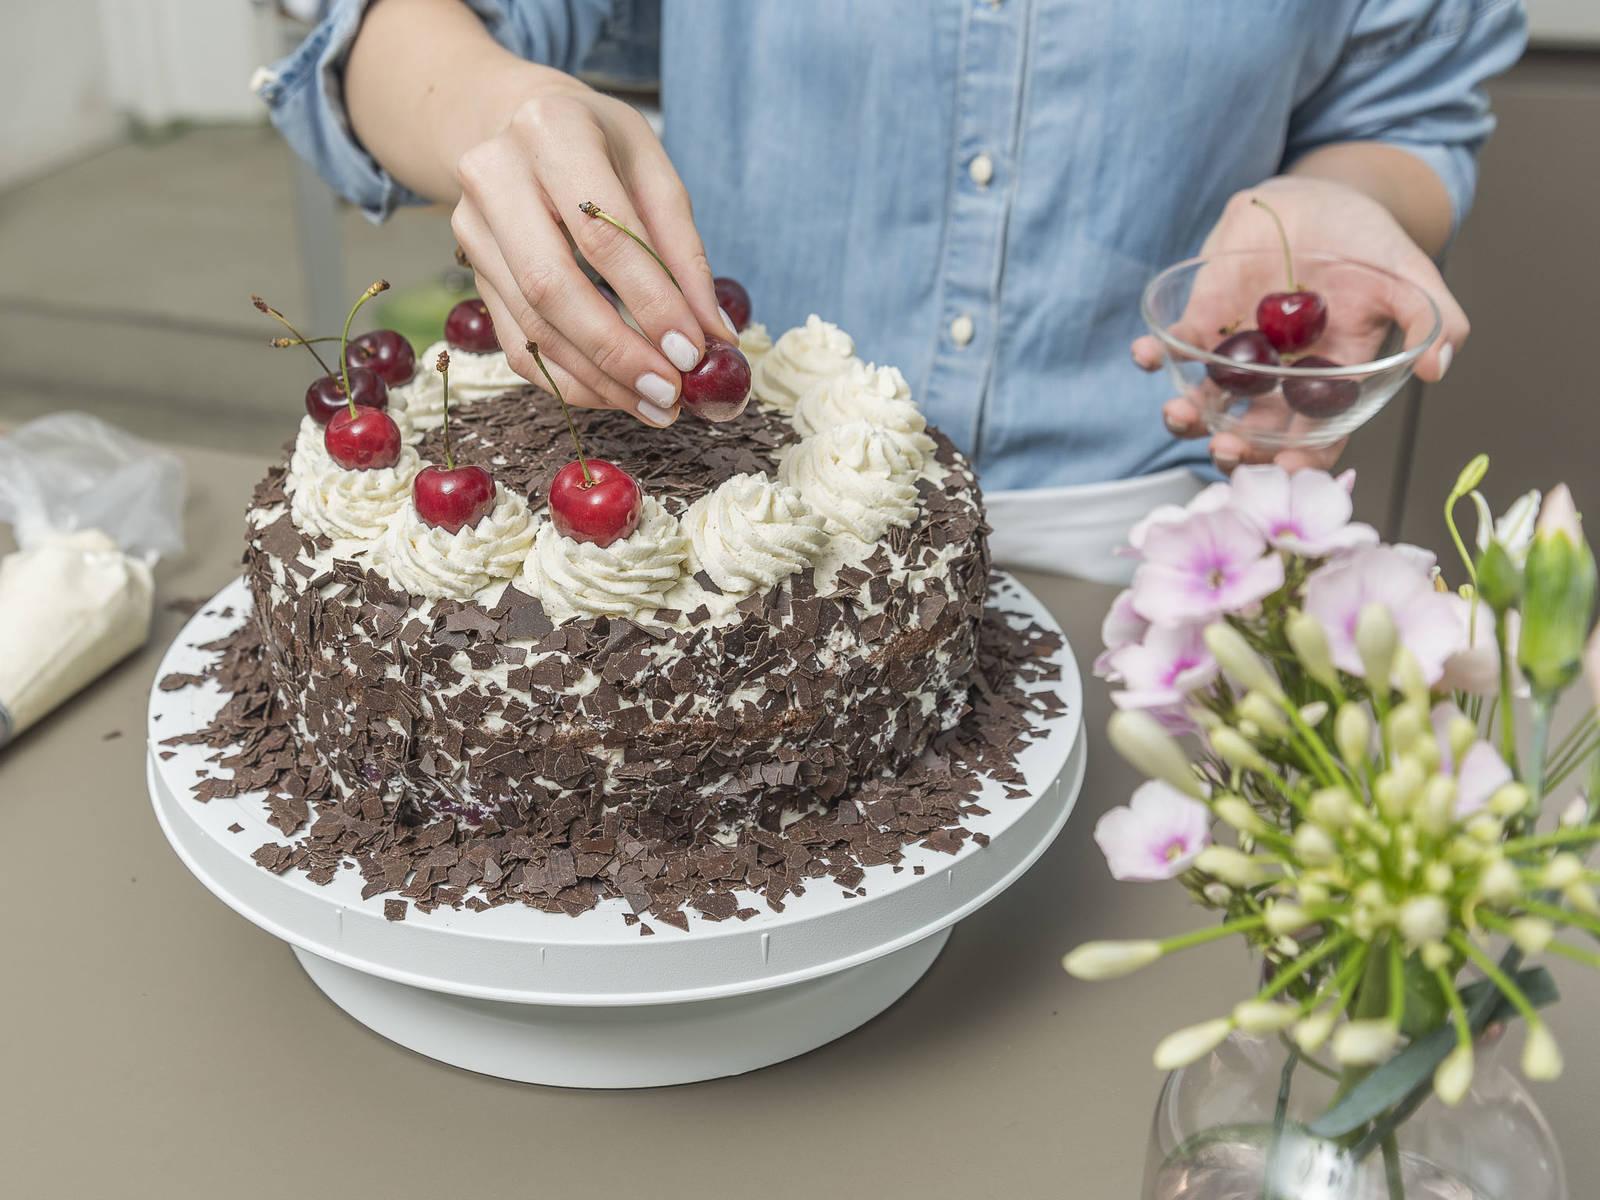 要完成蛋糕顶层,先在碗中加入剩余的奶油、塔塔粉和香草糖,搅打至硬性发泡,倒入带星型裱花嘴的裱花袋中。用生奶油涂满整个蛋糕,在侧面装饰上巧克力屑,也在顶部装饰上一圈巧克力,在边缘处均匀地裱上12个星型奶油花,在上面分别点缀一颗樱桃,冷藏2小时后就可以享用啦!